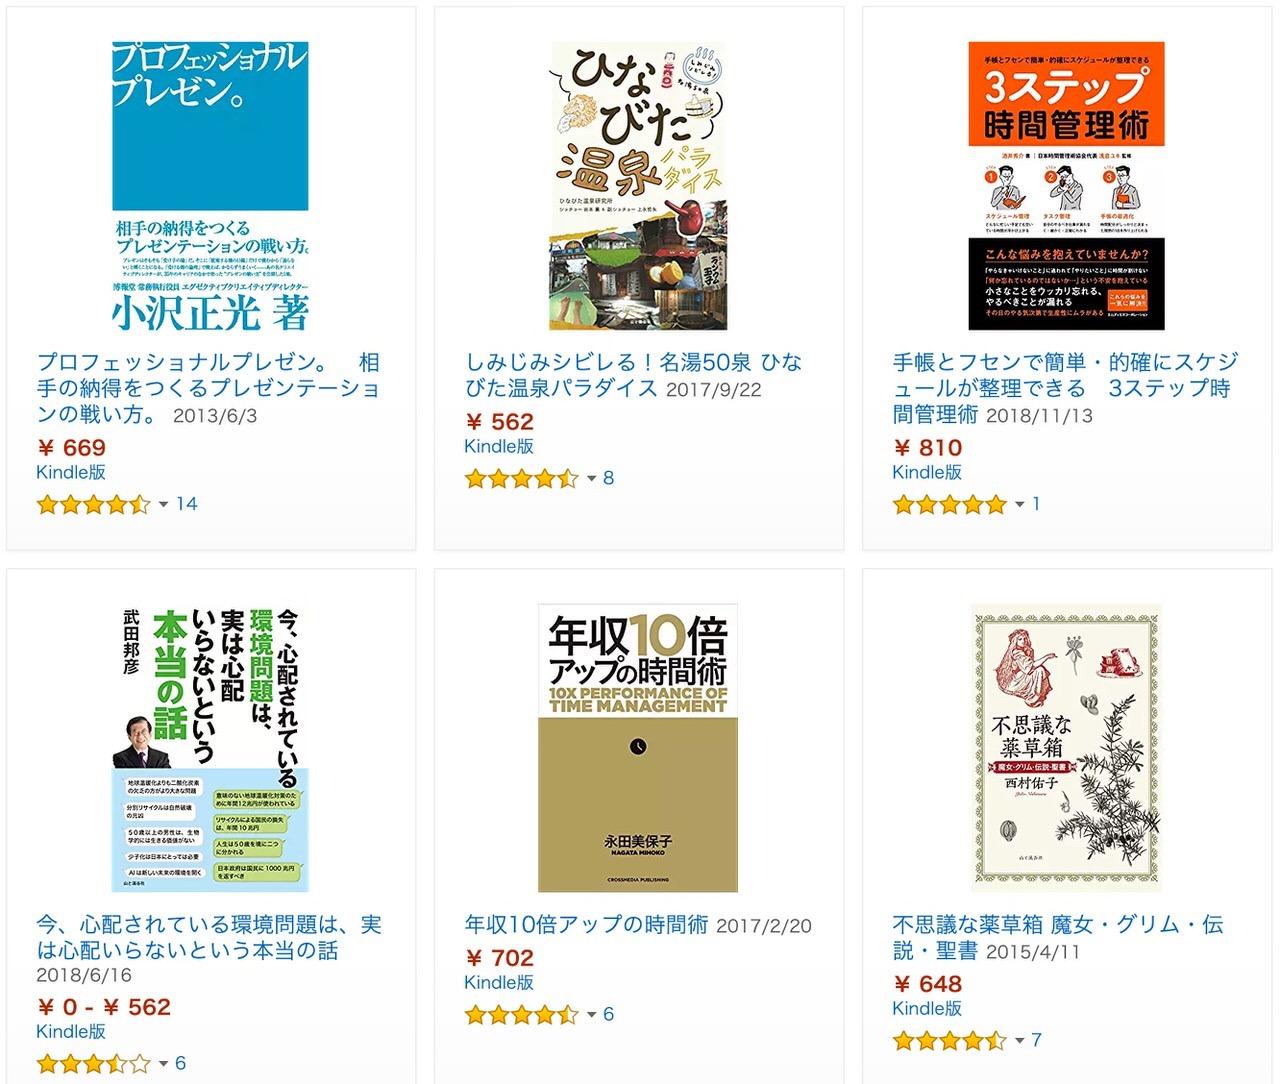 【Kindleセール】全品50%OFF「高額本お買い得セール」(2/28まで)